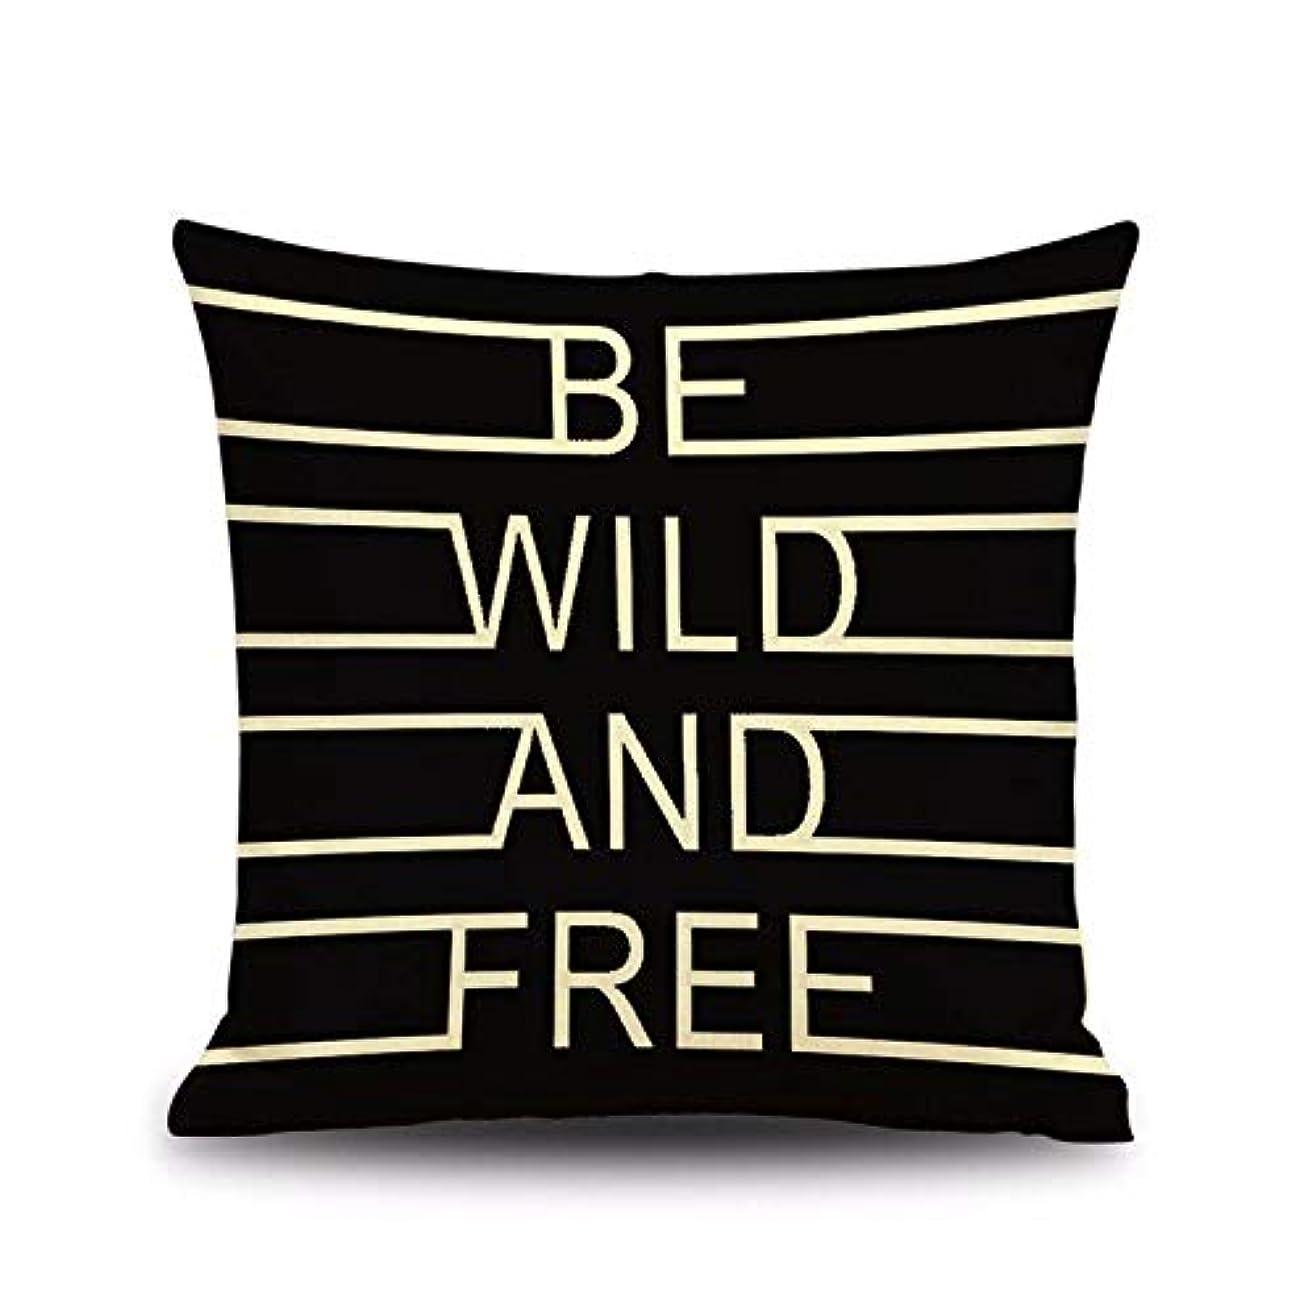 シンポジウム名誉ある野望LIFE 送料無料リネンクッション、枕 (含まないフィリング) 40 × 40 センチメートル、 45 × 45 センチメートル、 50 × 50 センチメートル、 60 × 60 センチメートル クッション 椅子